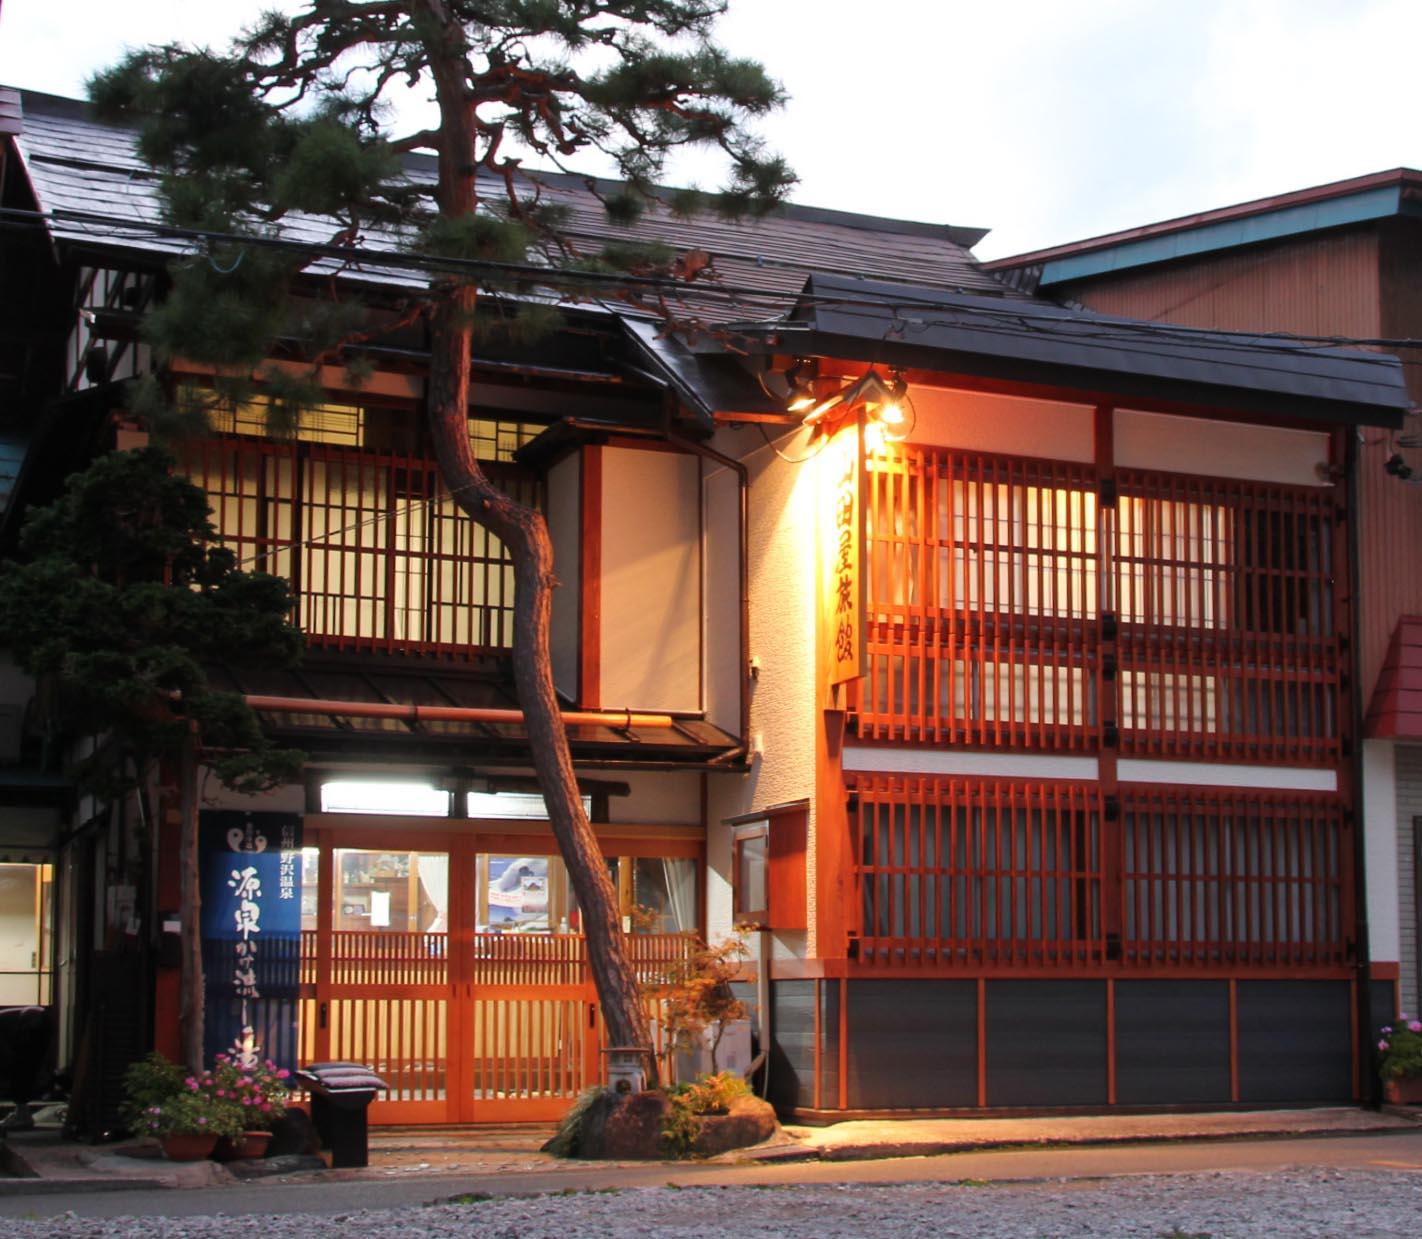 娘と野沢温泉で女子旅をします。のんびりお部屋食を楽しめる宿をお願いします!